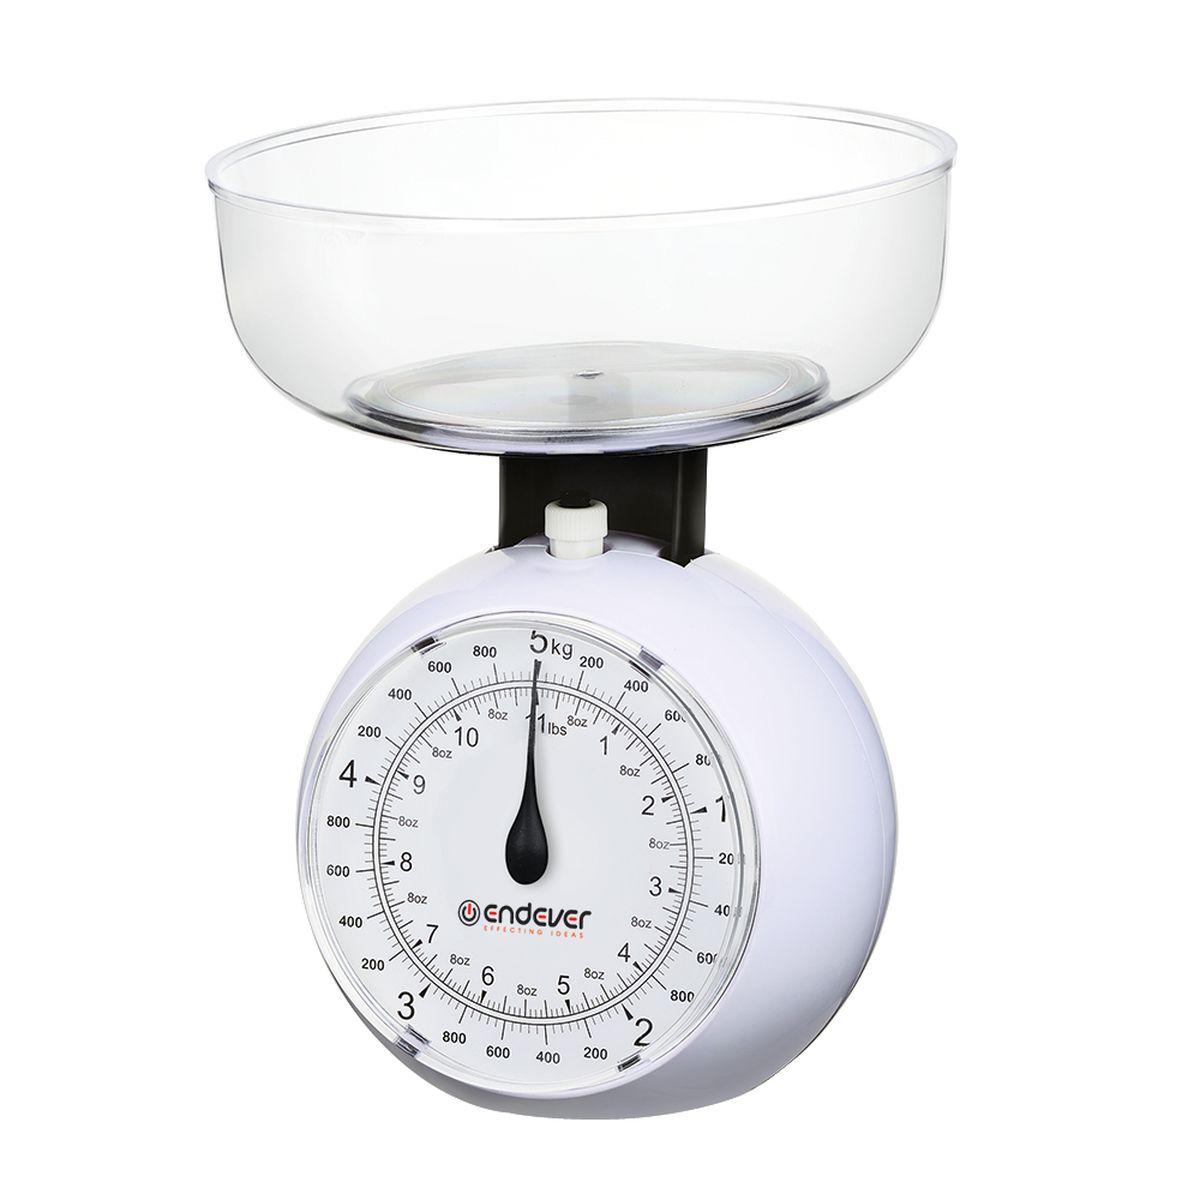 Endever KS-517 весы кухонные банки под сыпучие продукты спб